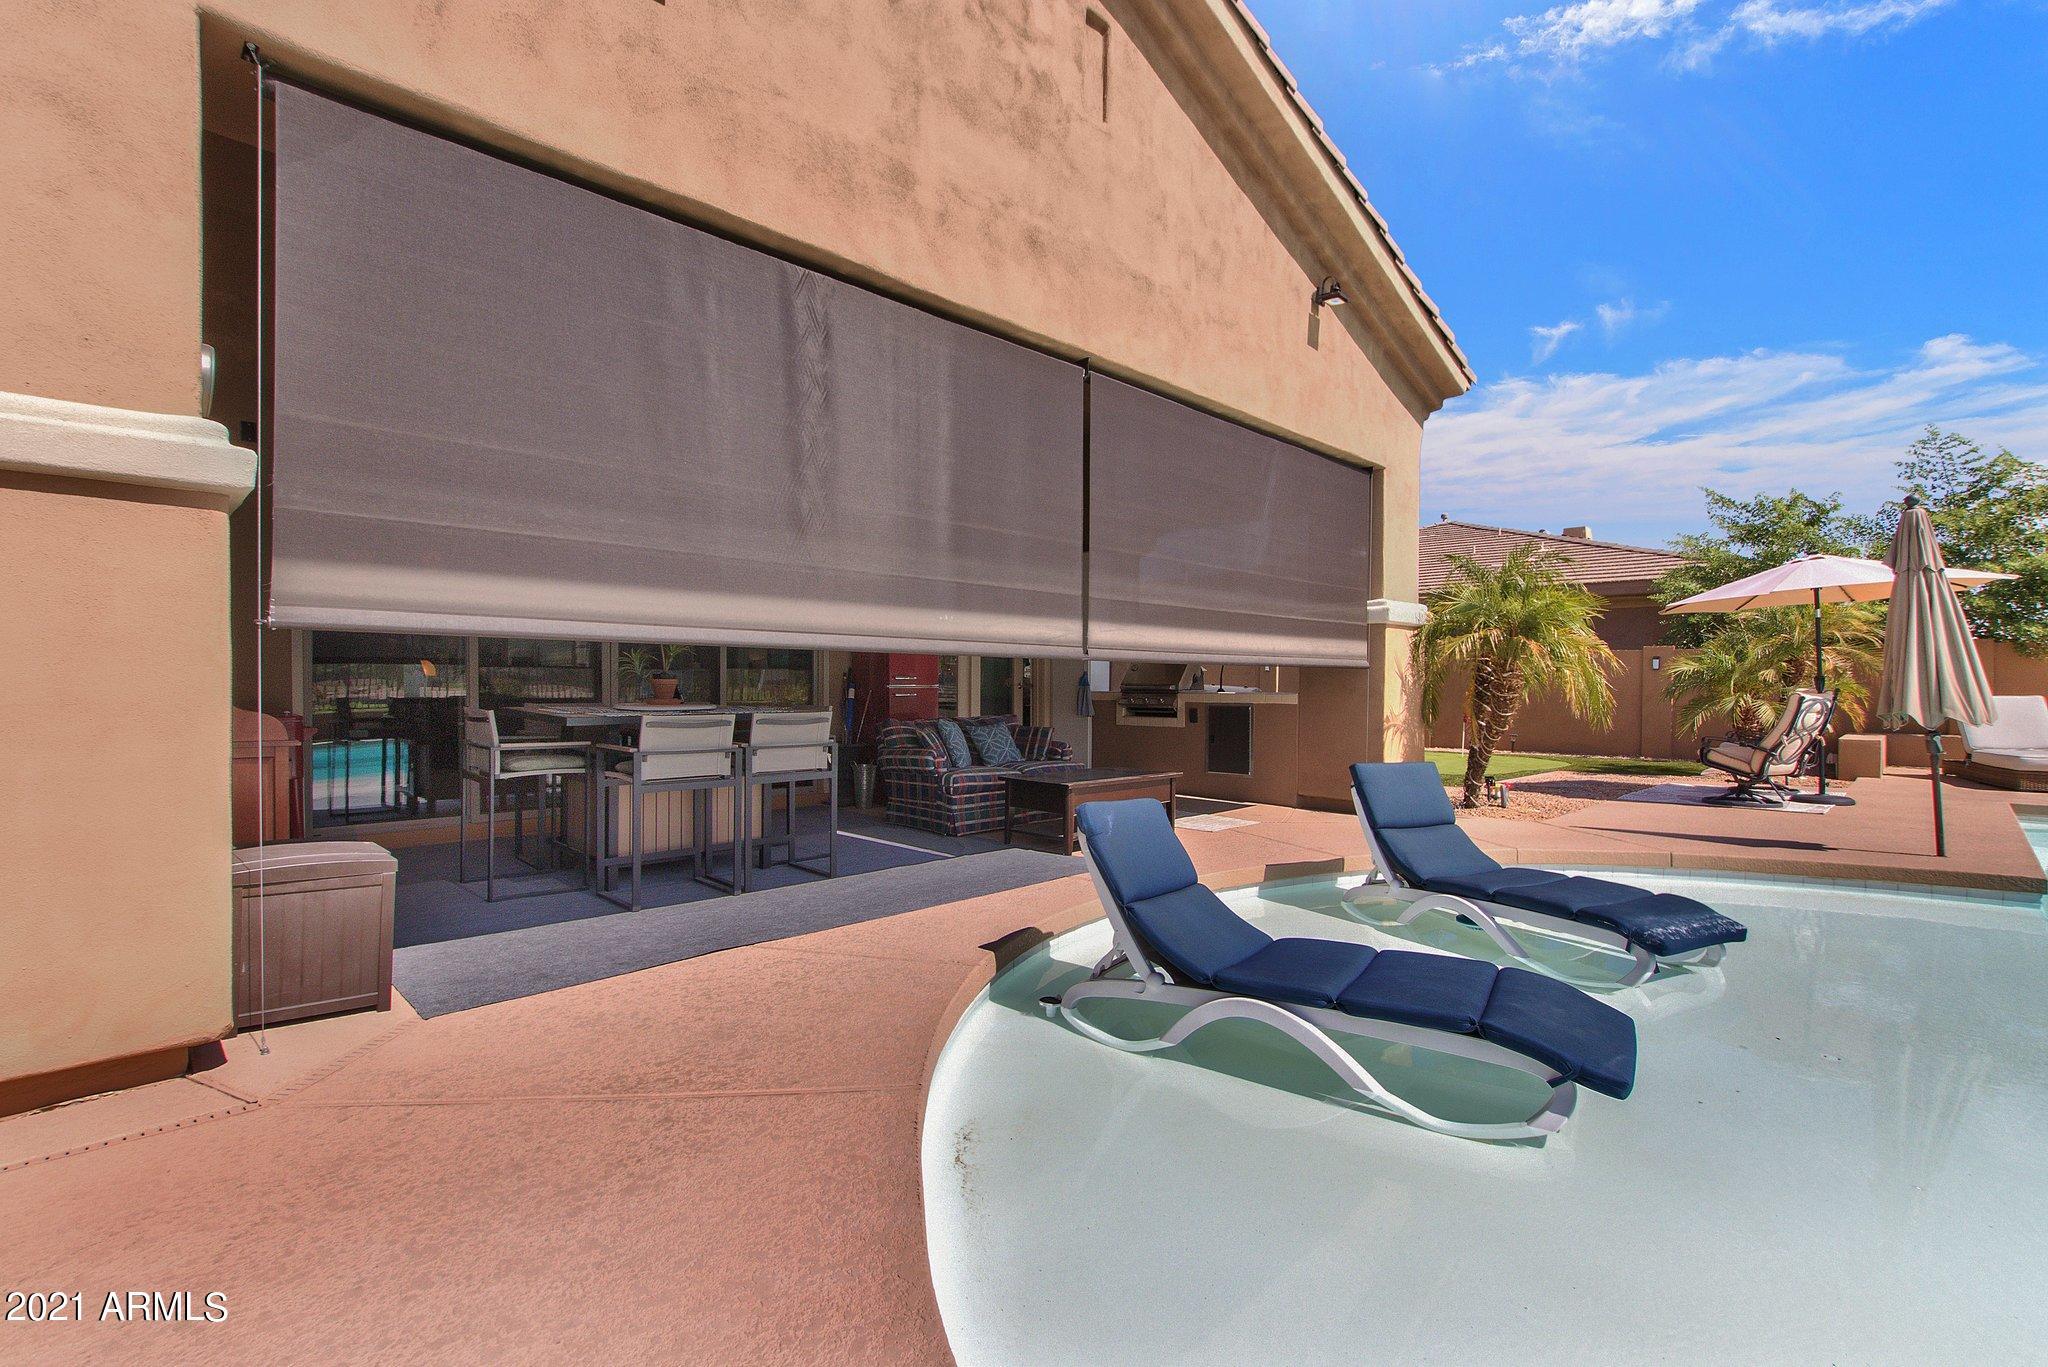 MLS 6272439 2660 N 141ST Lane, Goodyear, AZ 85395 Goodyear AZ Luxury